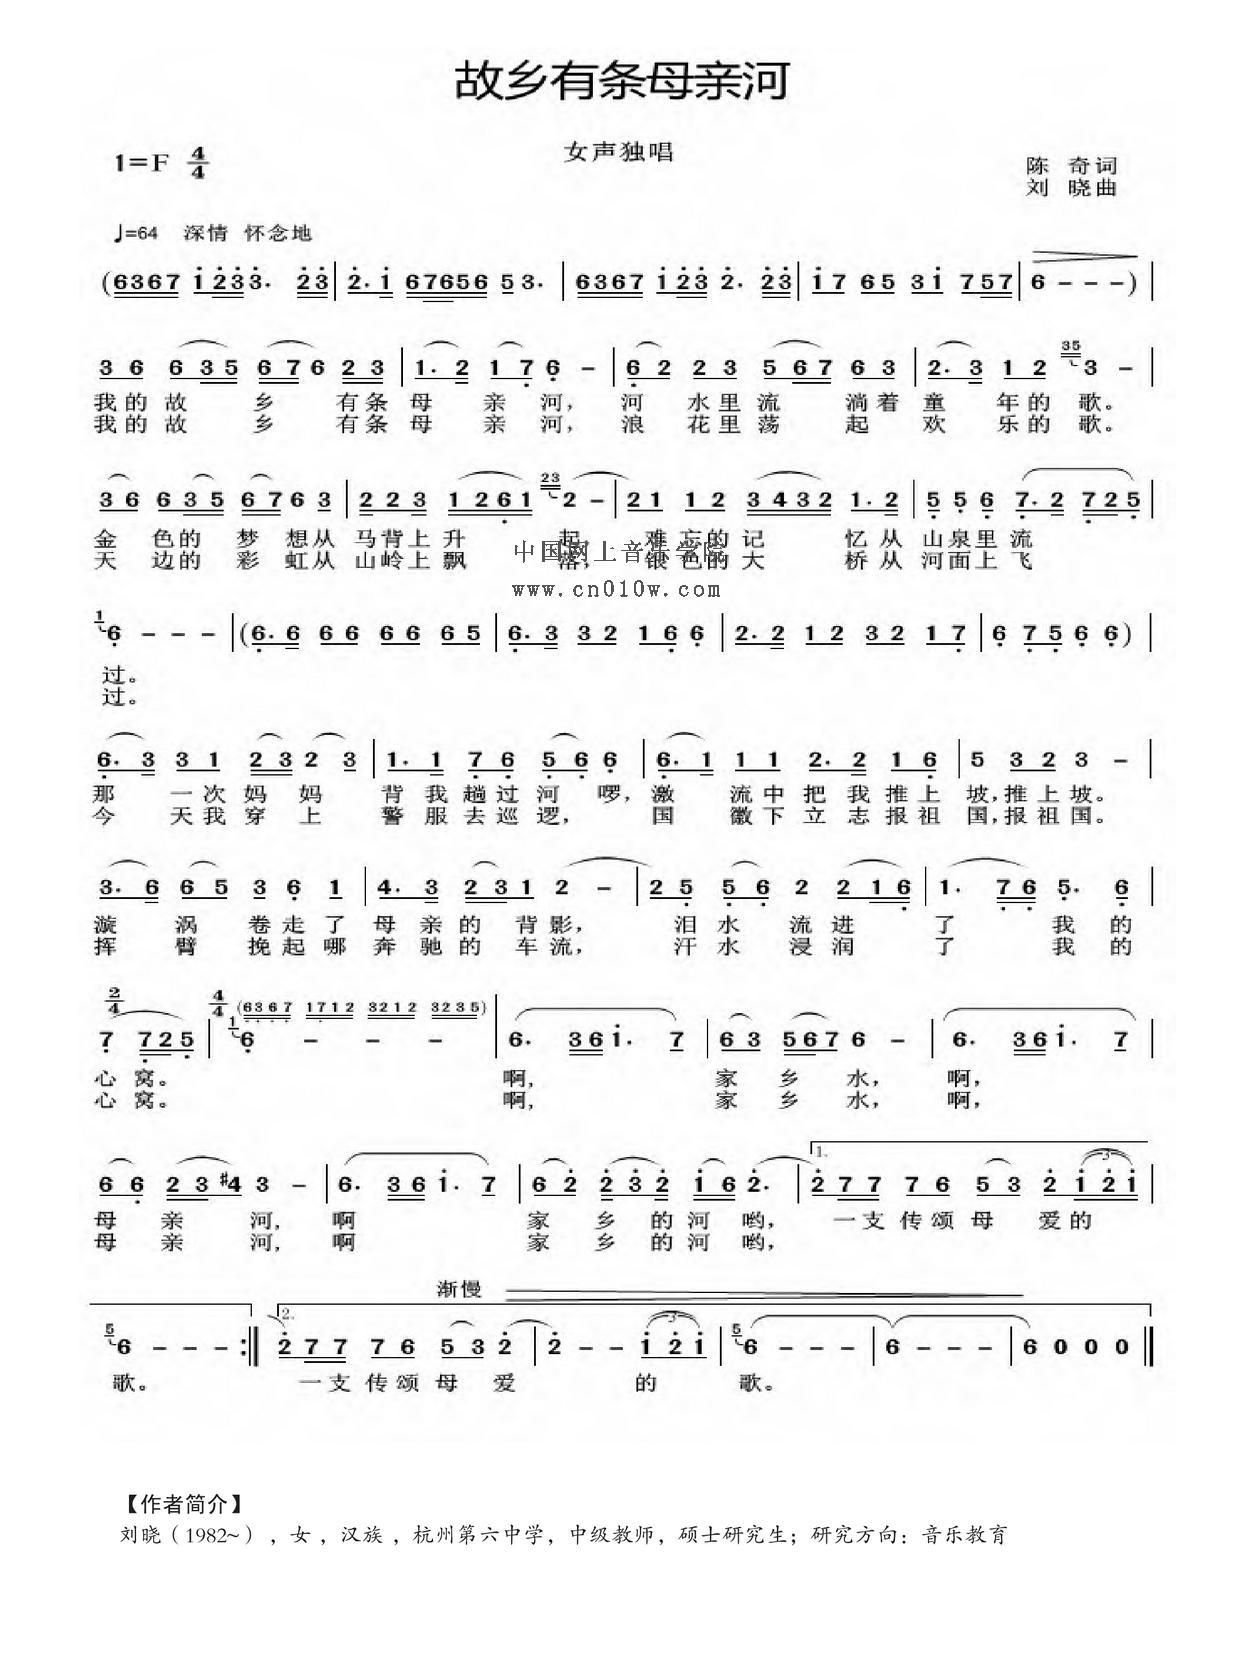 伴奏音乐 曲谱下载 >> 民歌曲谱_故乡有条母亲河  2016-9-20 16:59:32